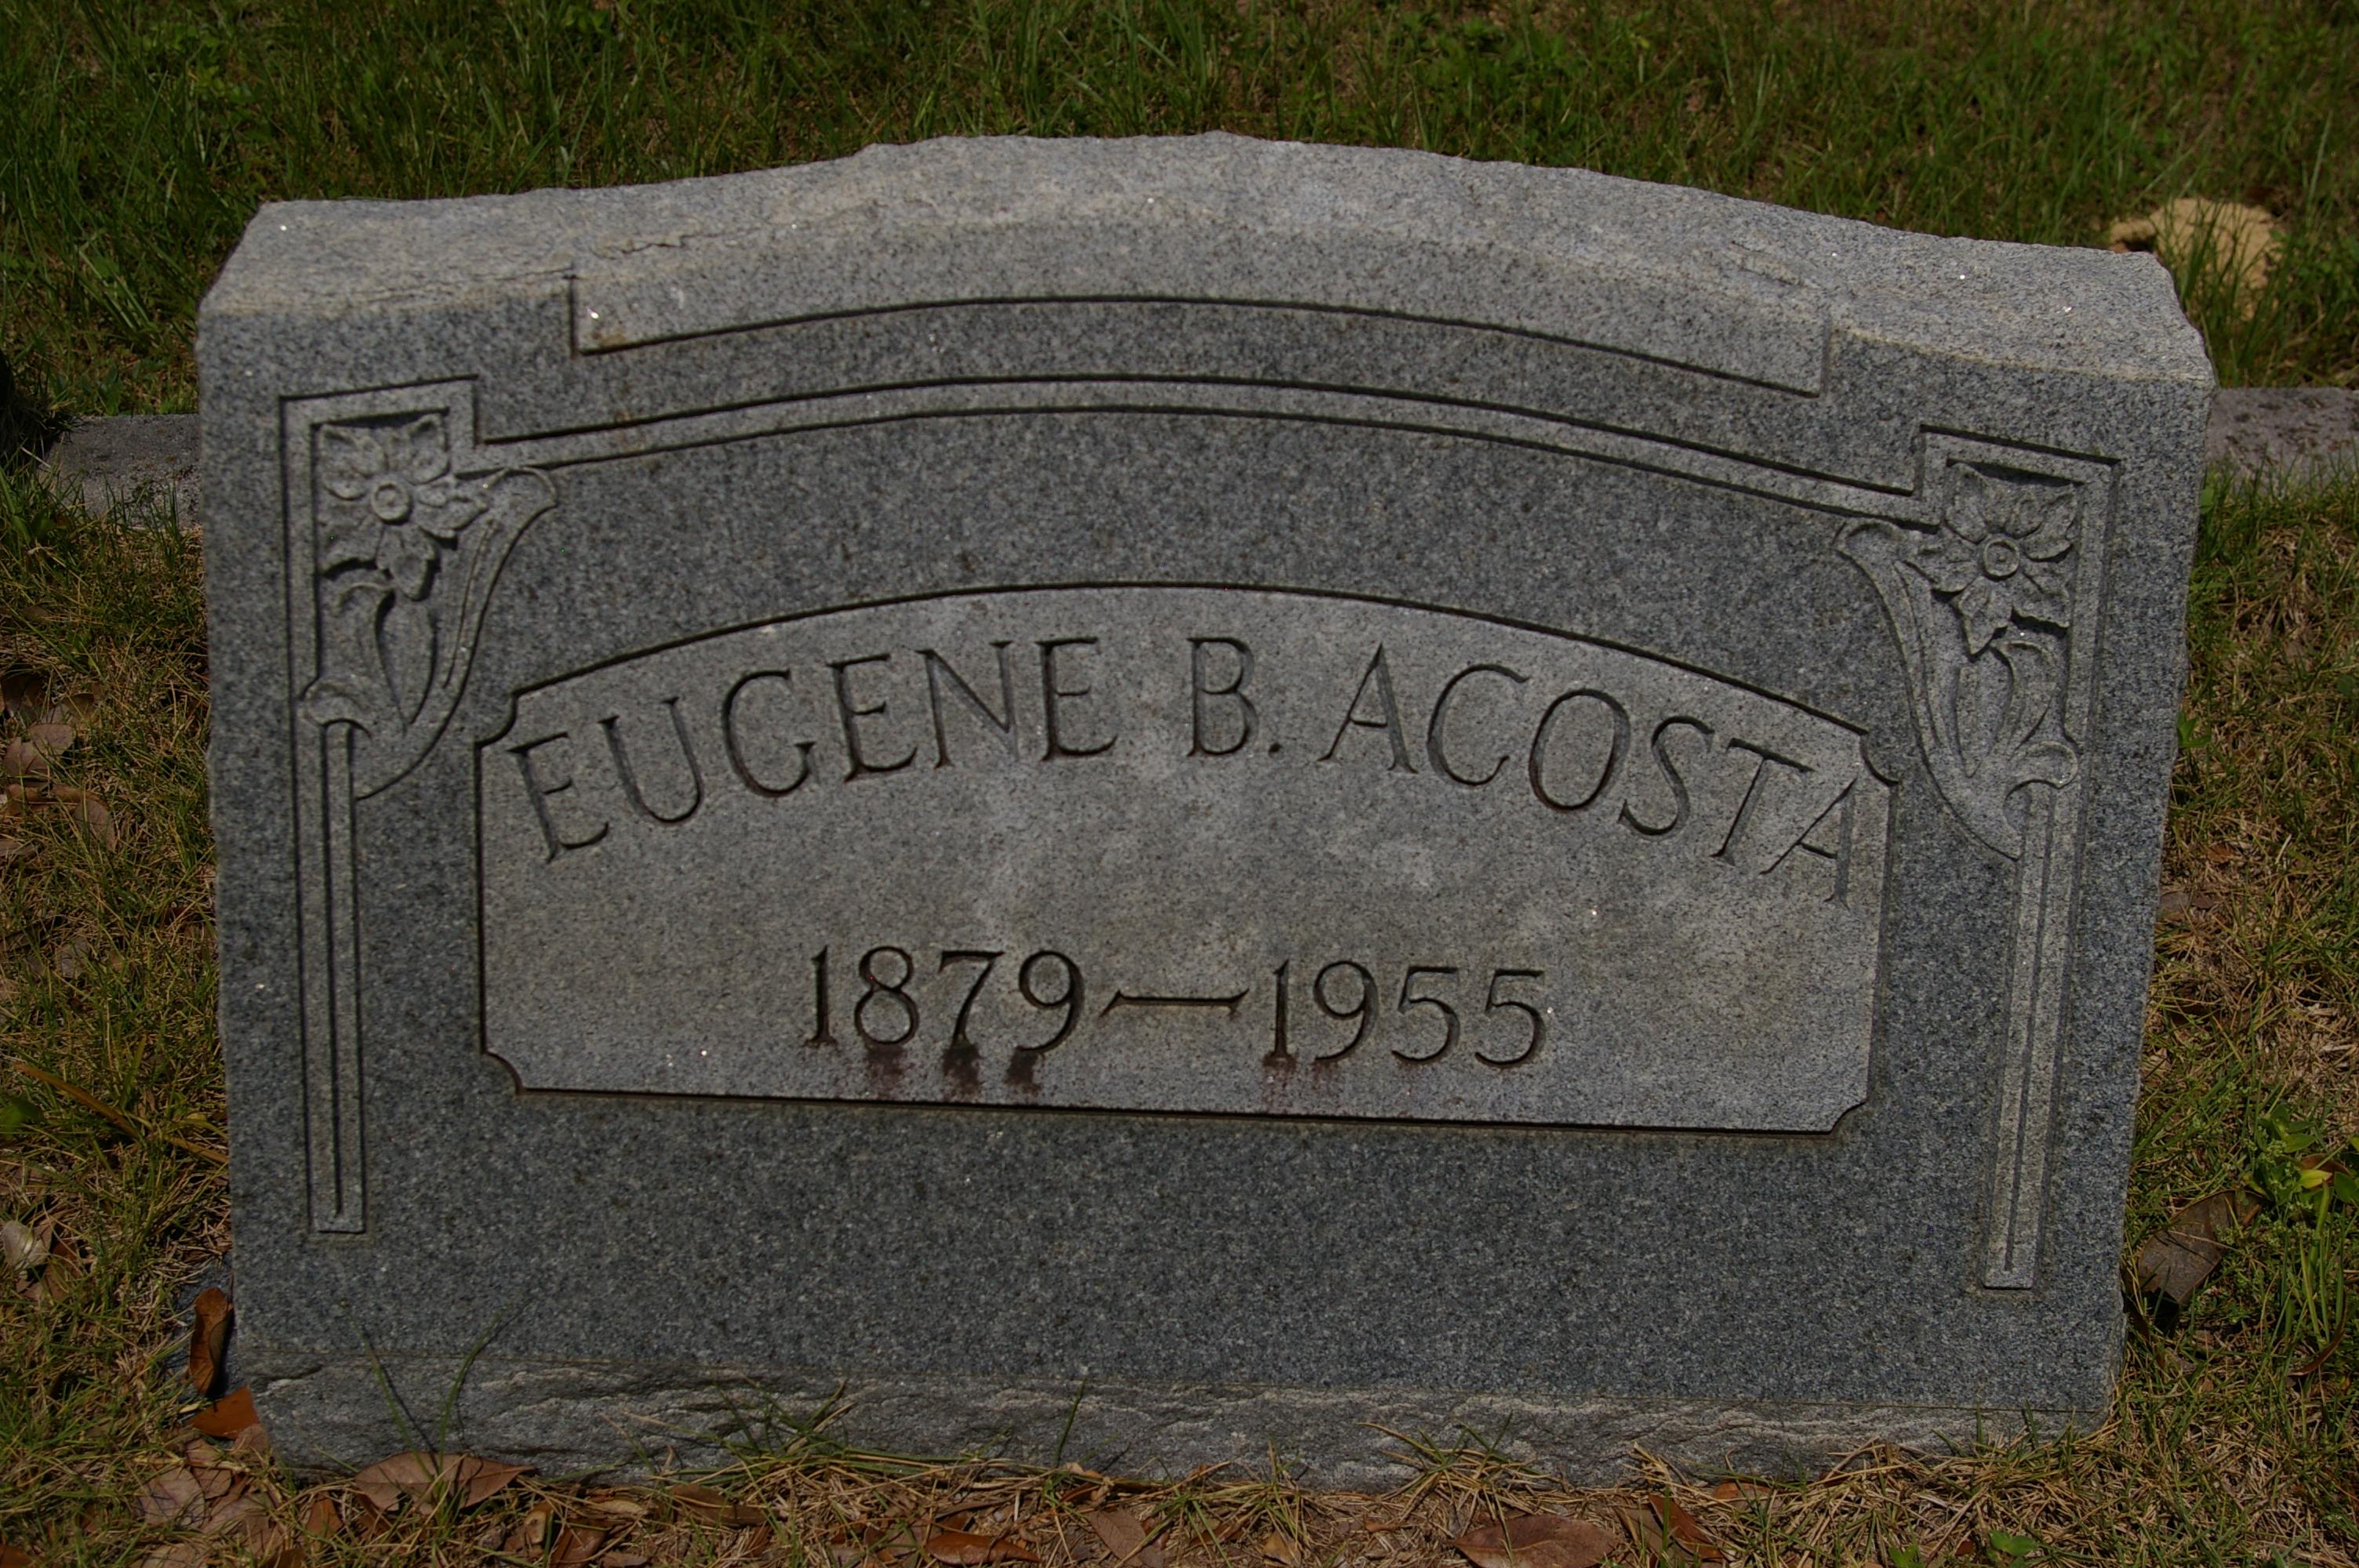 Eugene B. Acosta